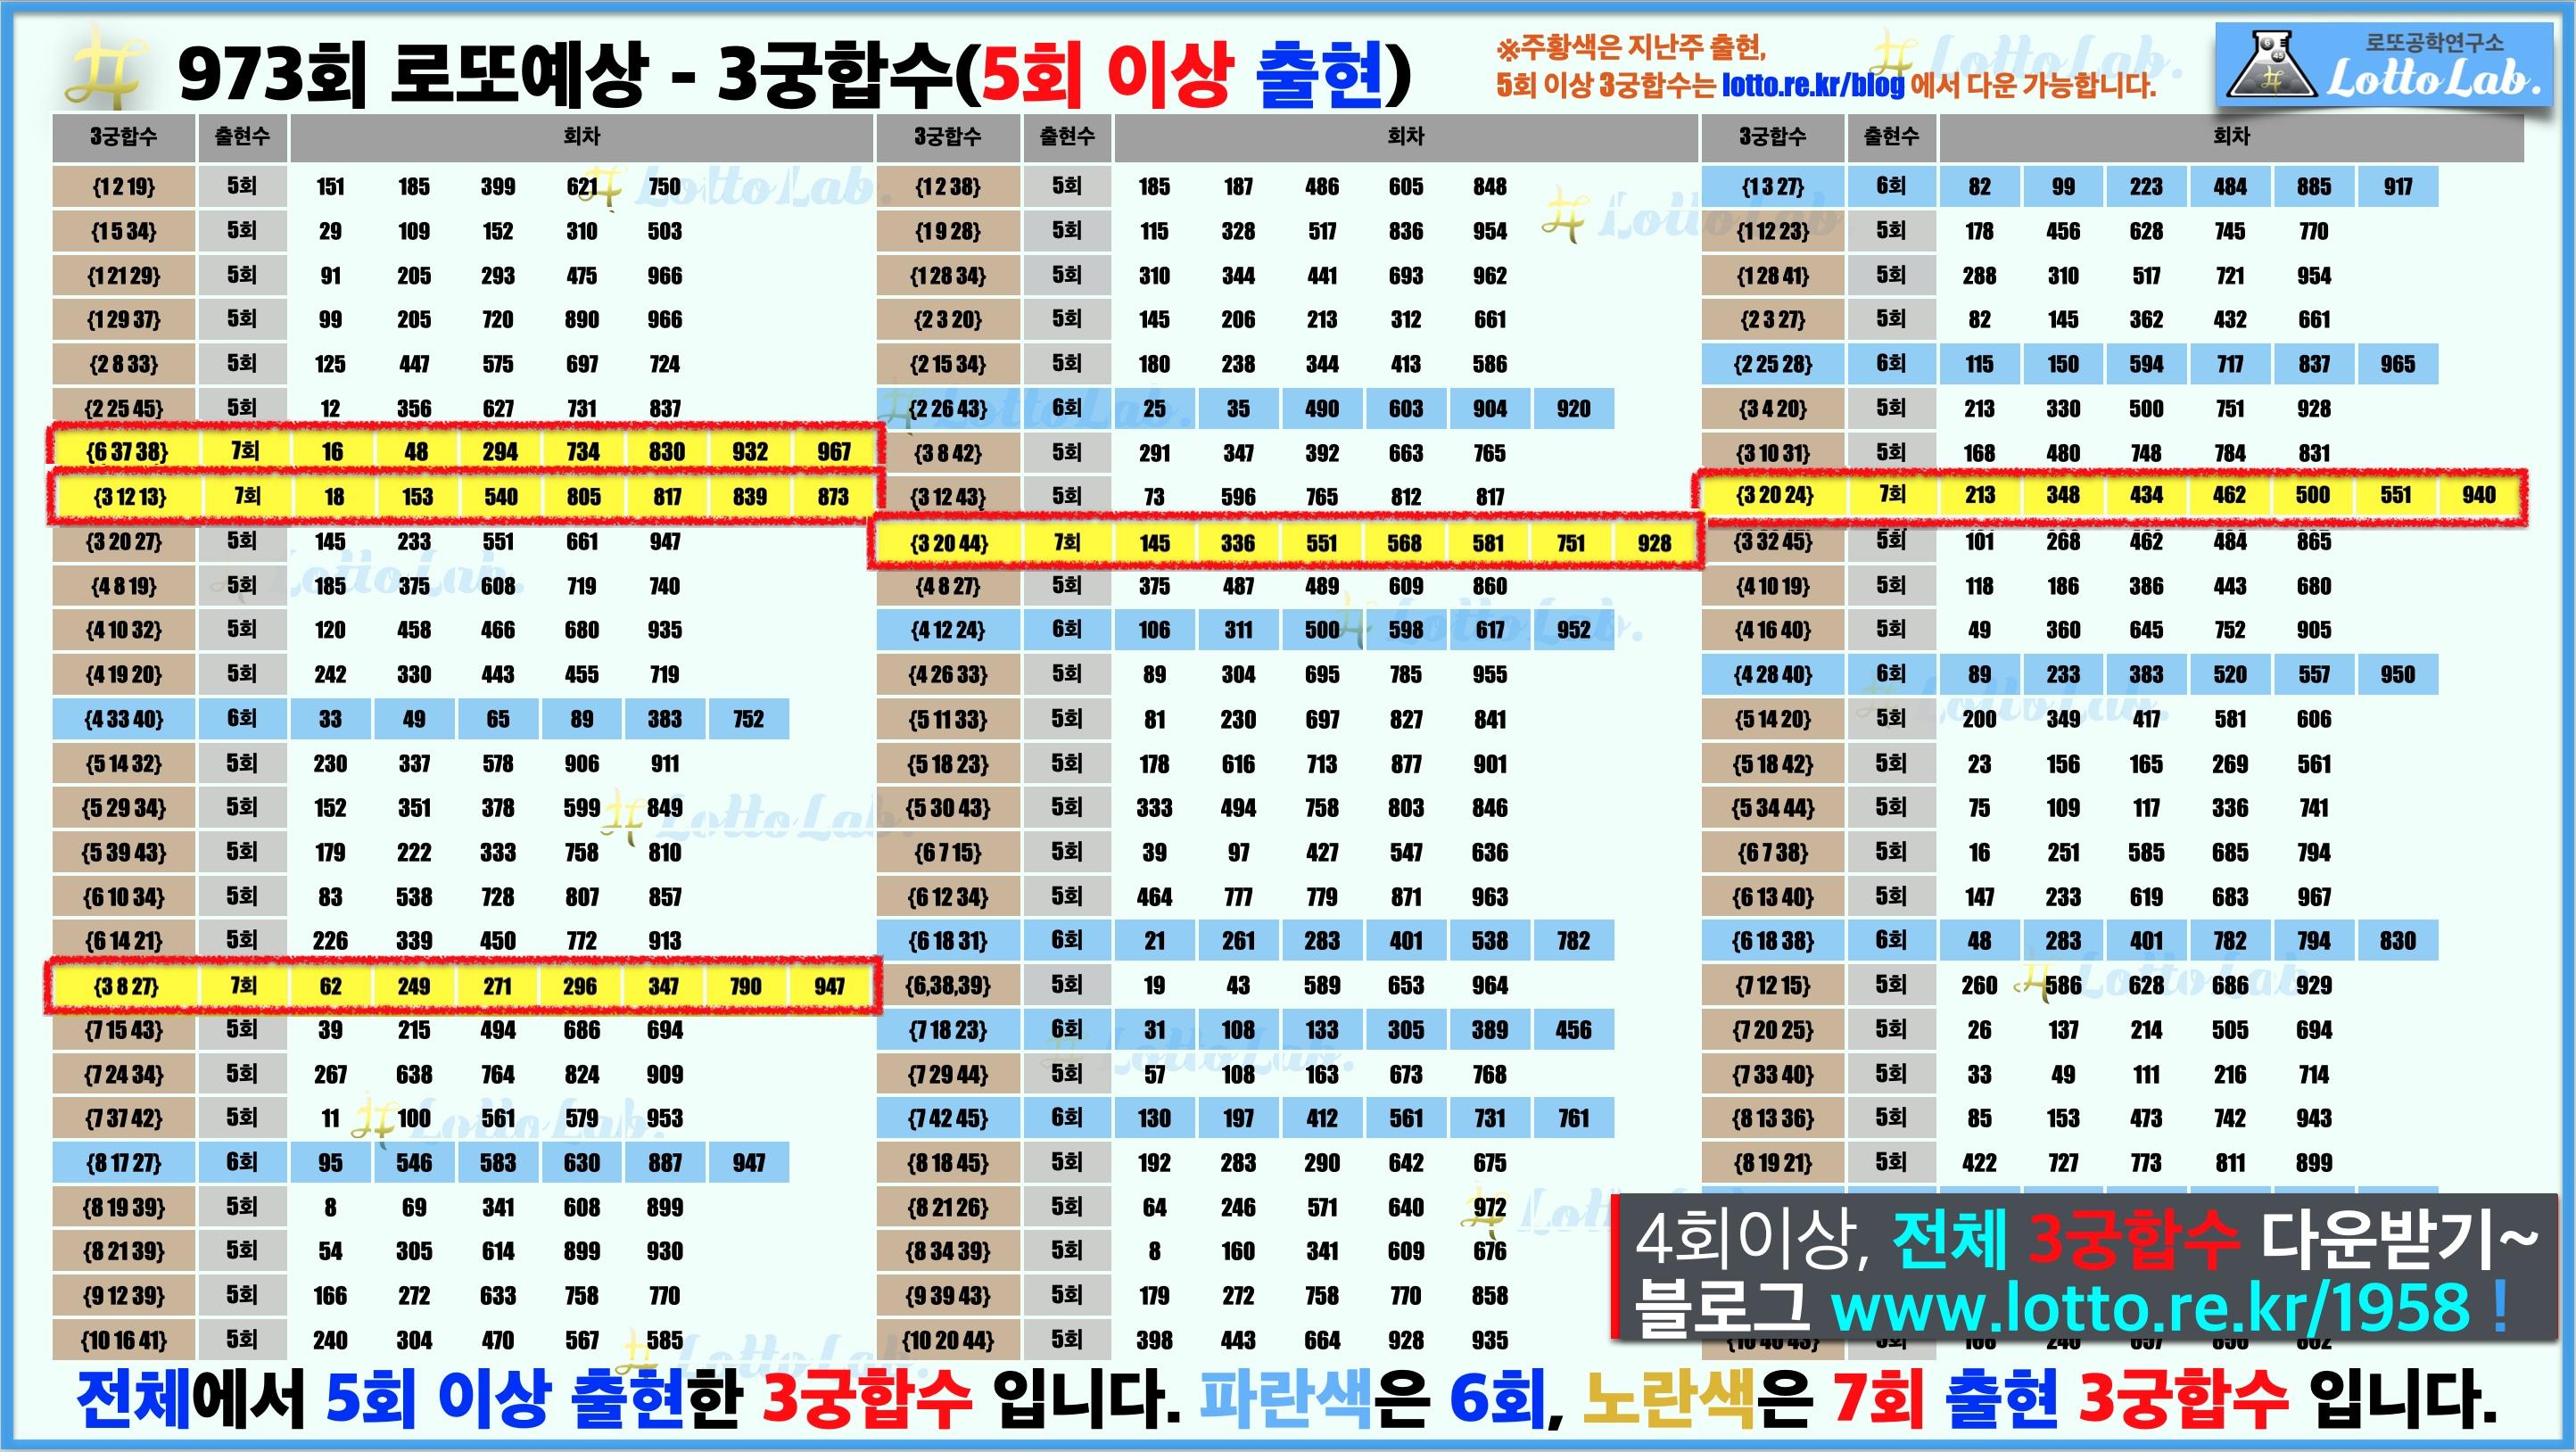 로또랩 로또973 당첨 번호 예상 3궁합수1